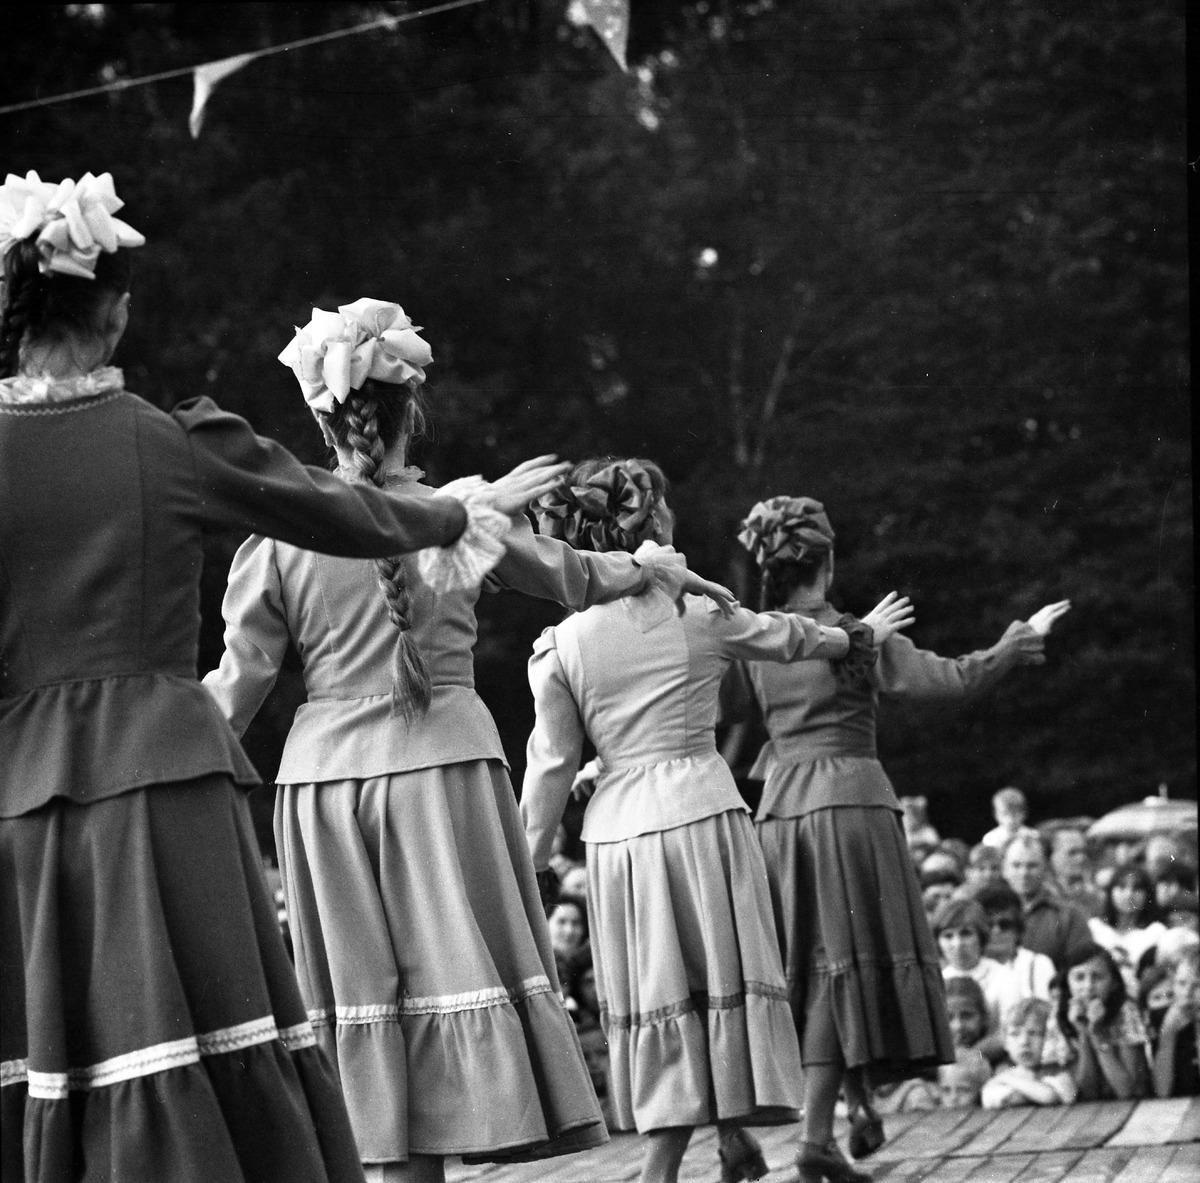 Zespół Pieśni i Tańca Armii Radzieckiej [1]